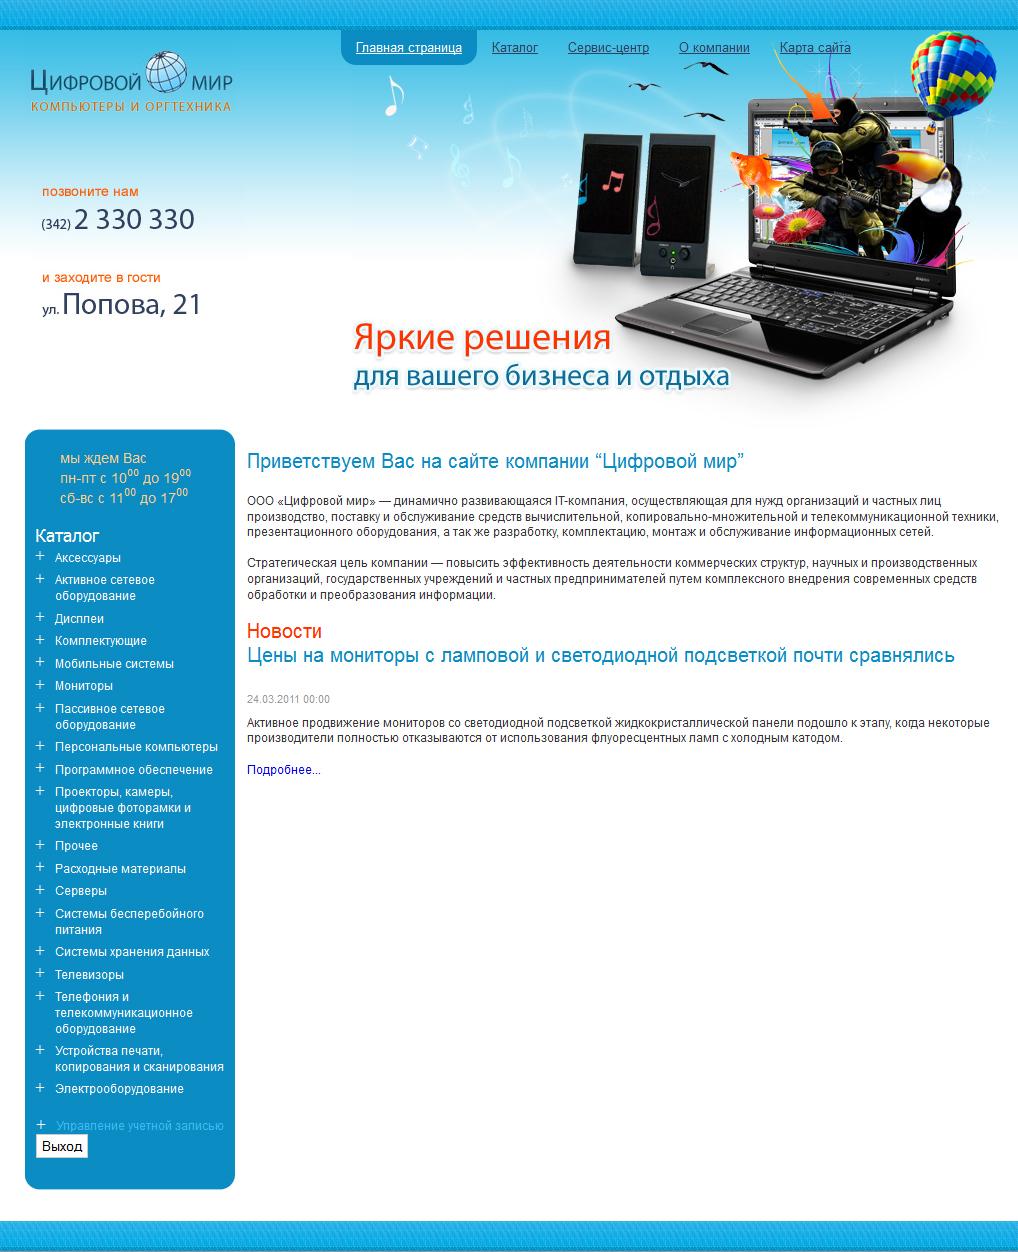 bfa7ec7c2f4 Интернет магазин компьютерной техники - Фрилансер Юлия Анфёрова ...